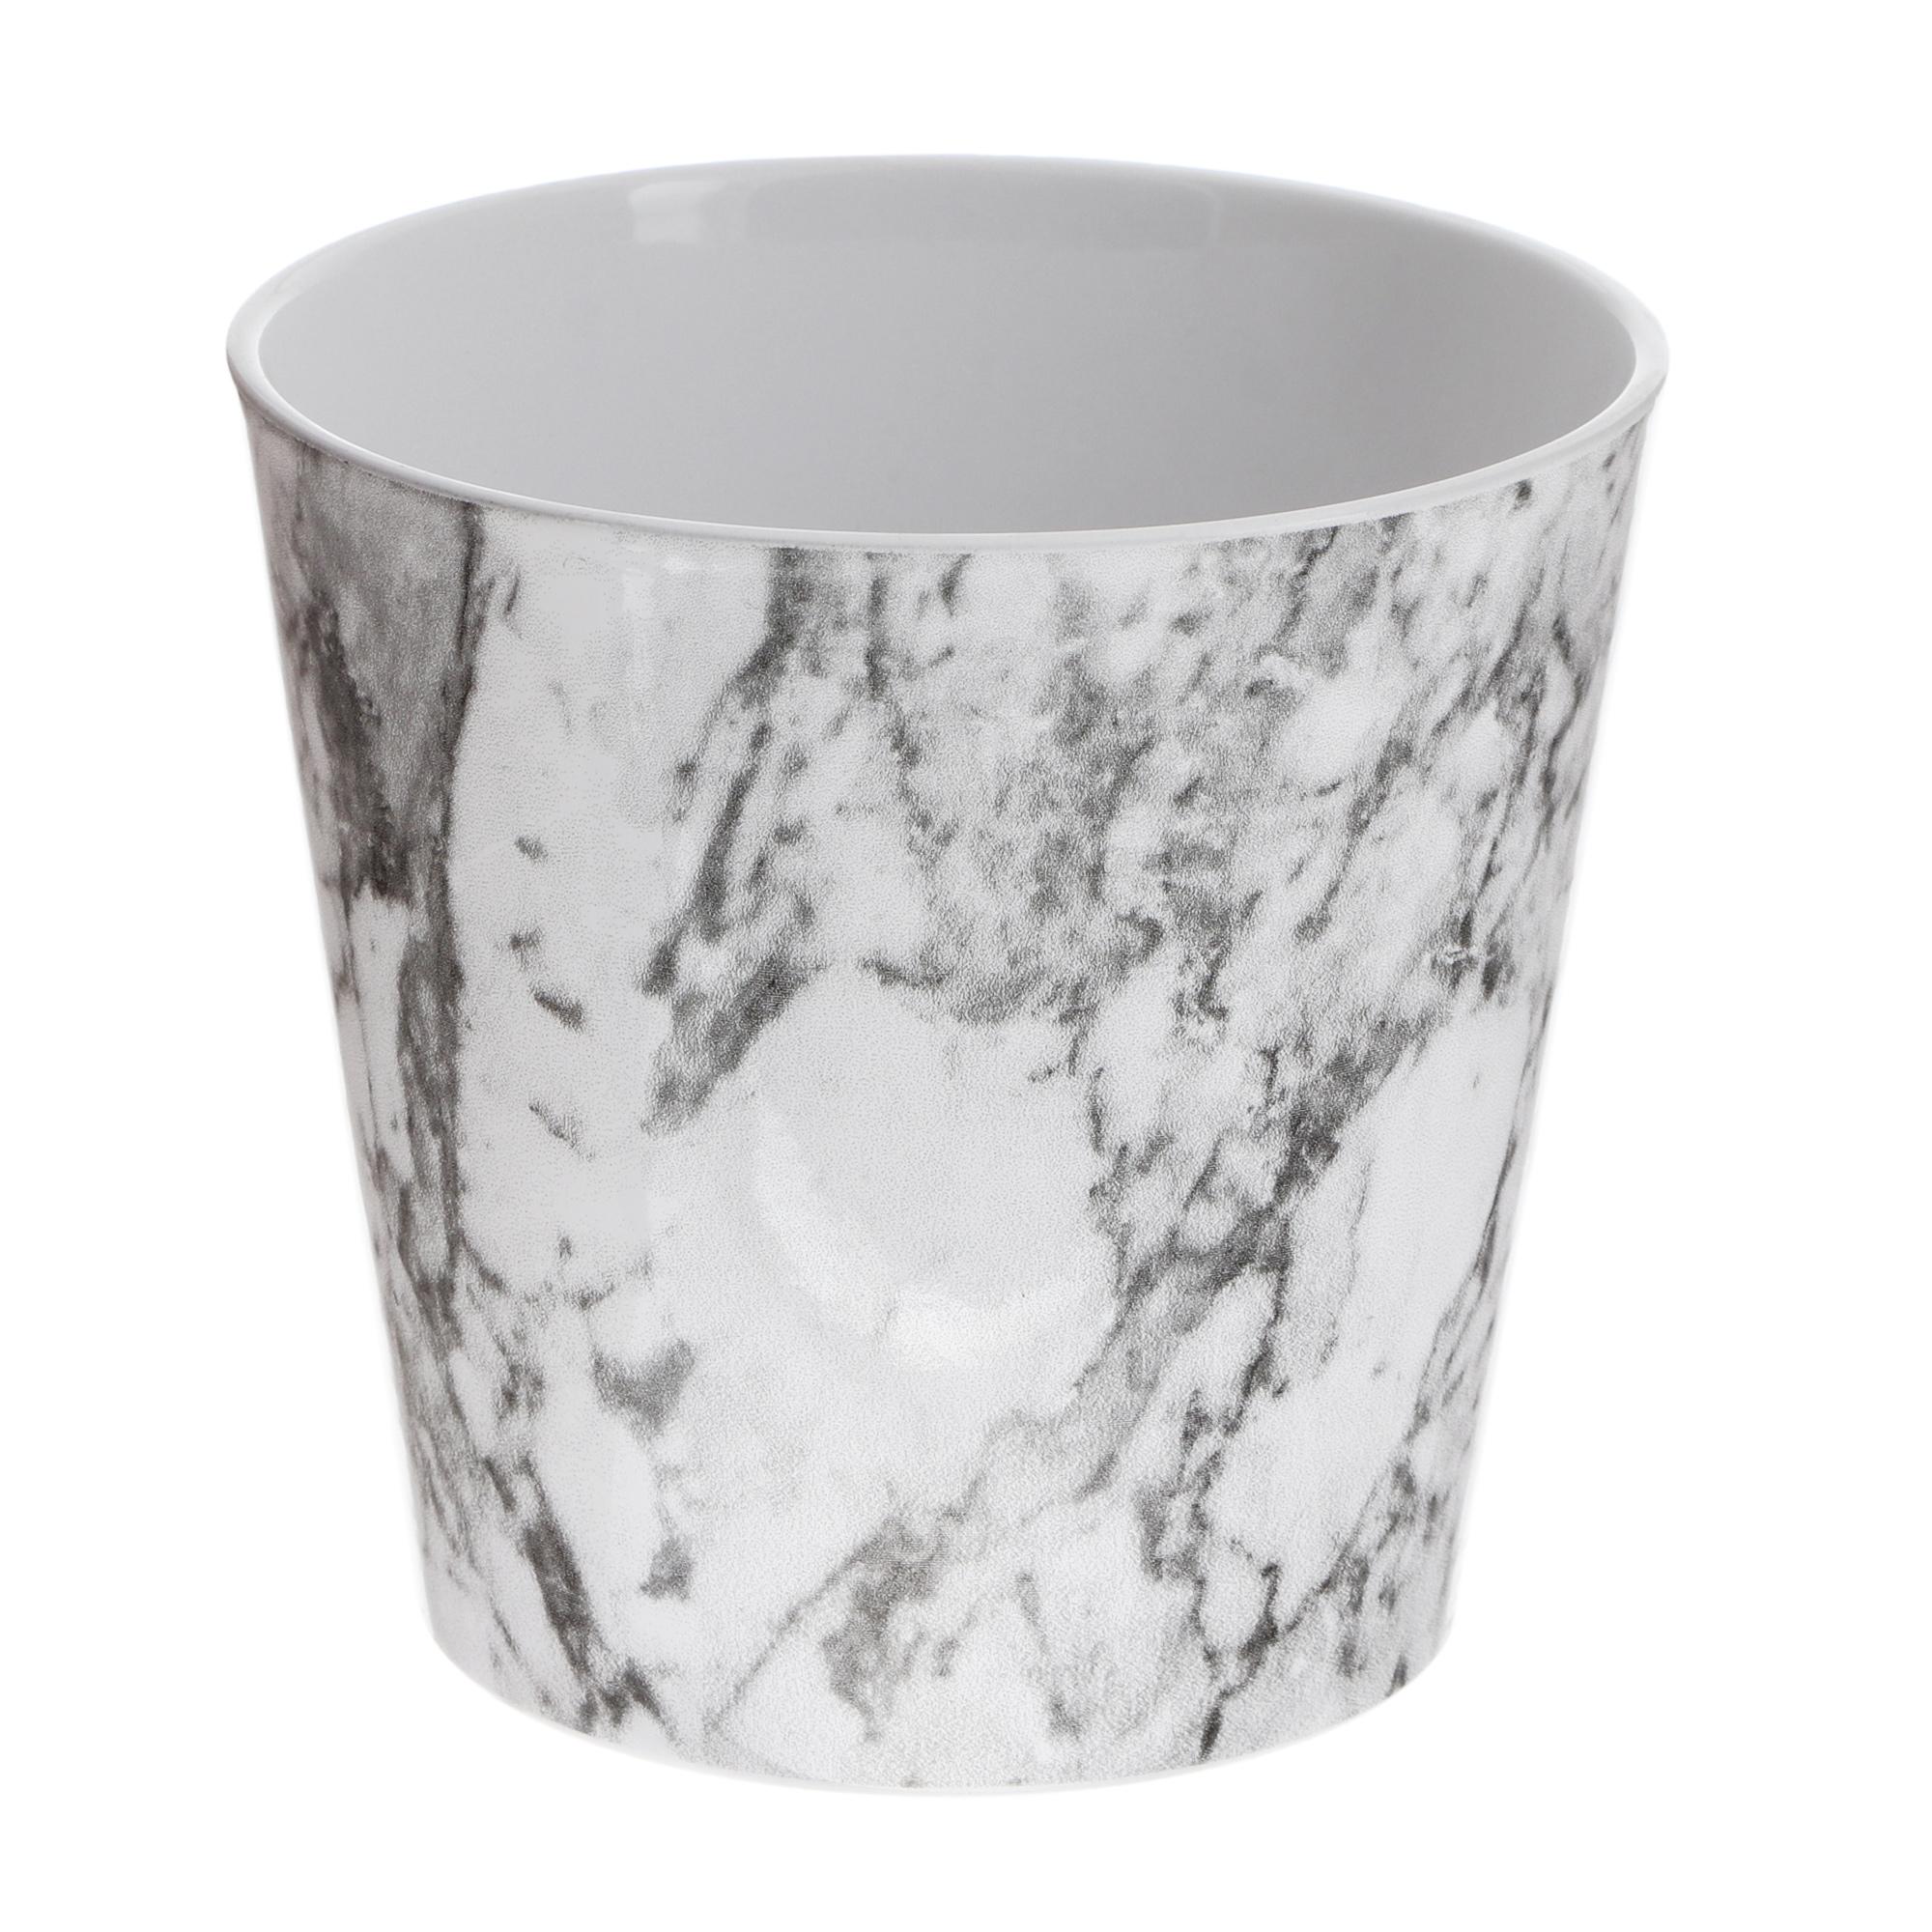 Кашпо Soendgen dallas marble d19 мраморный